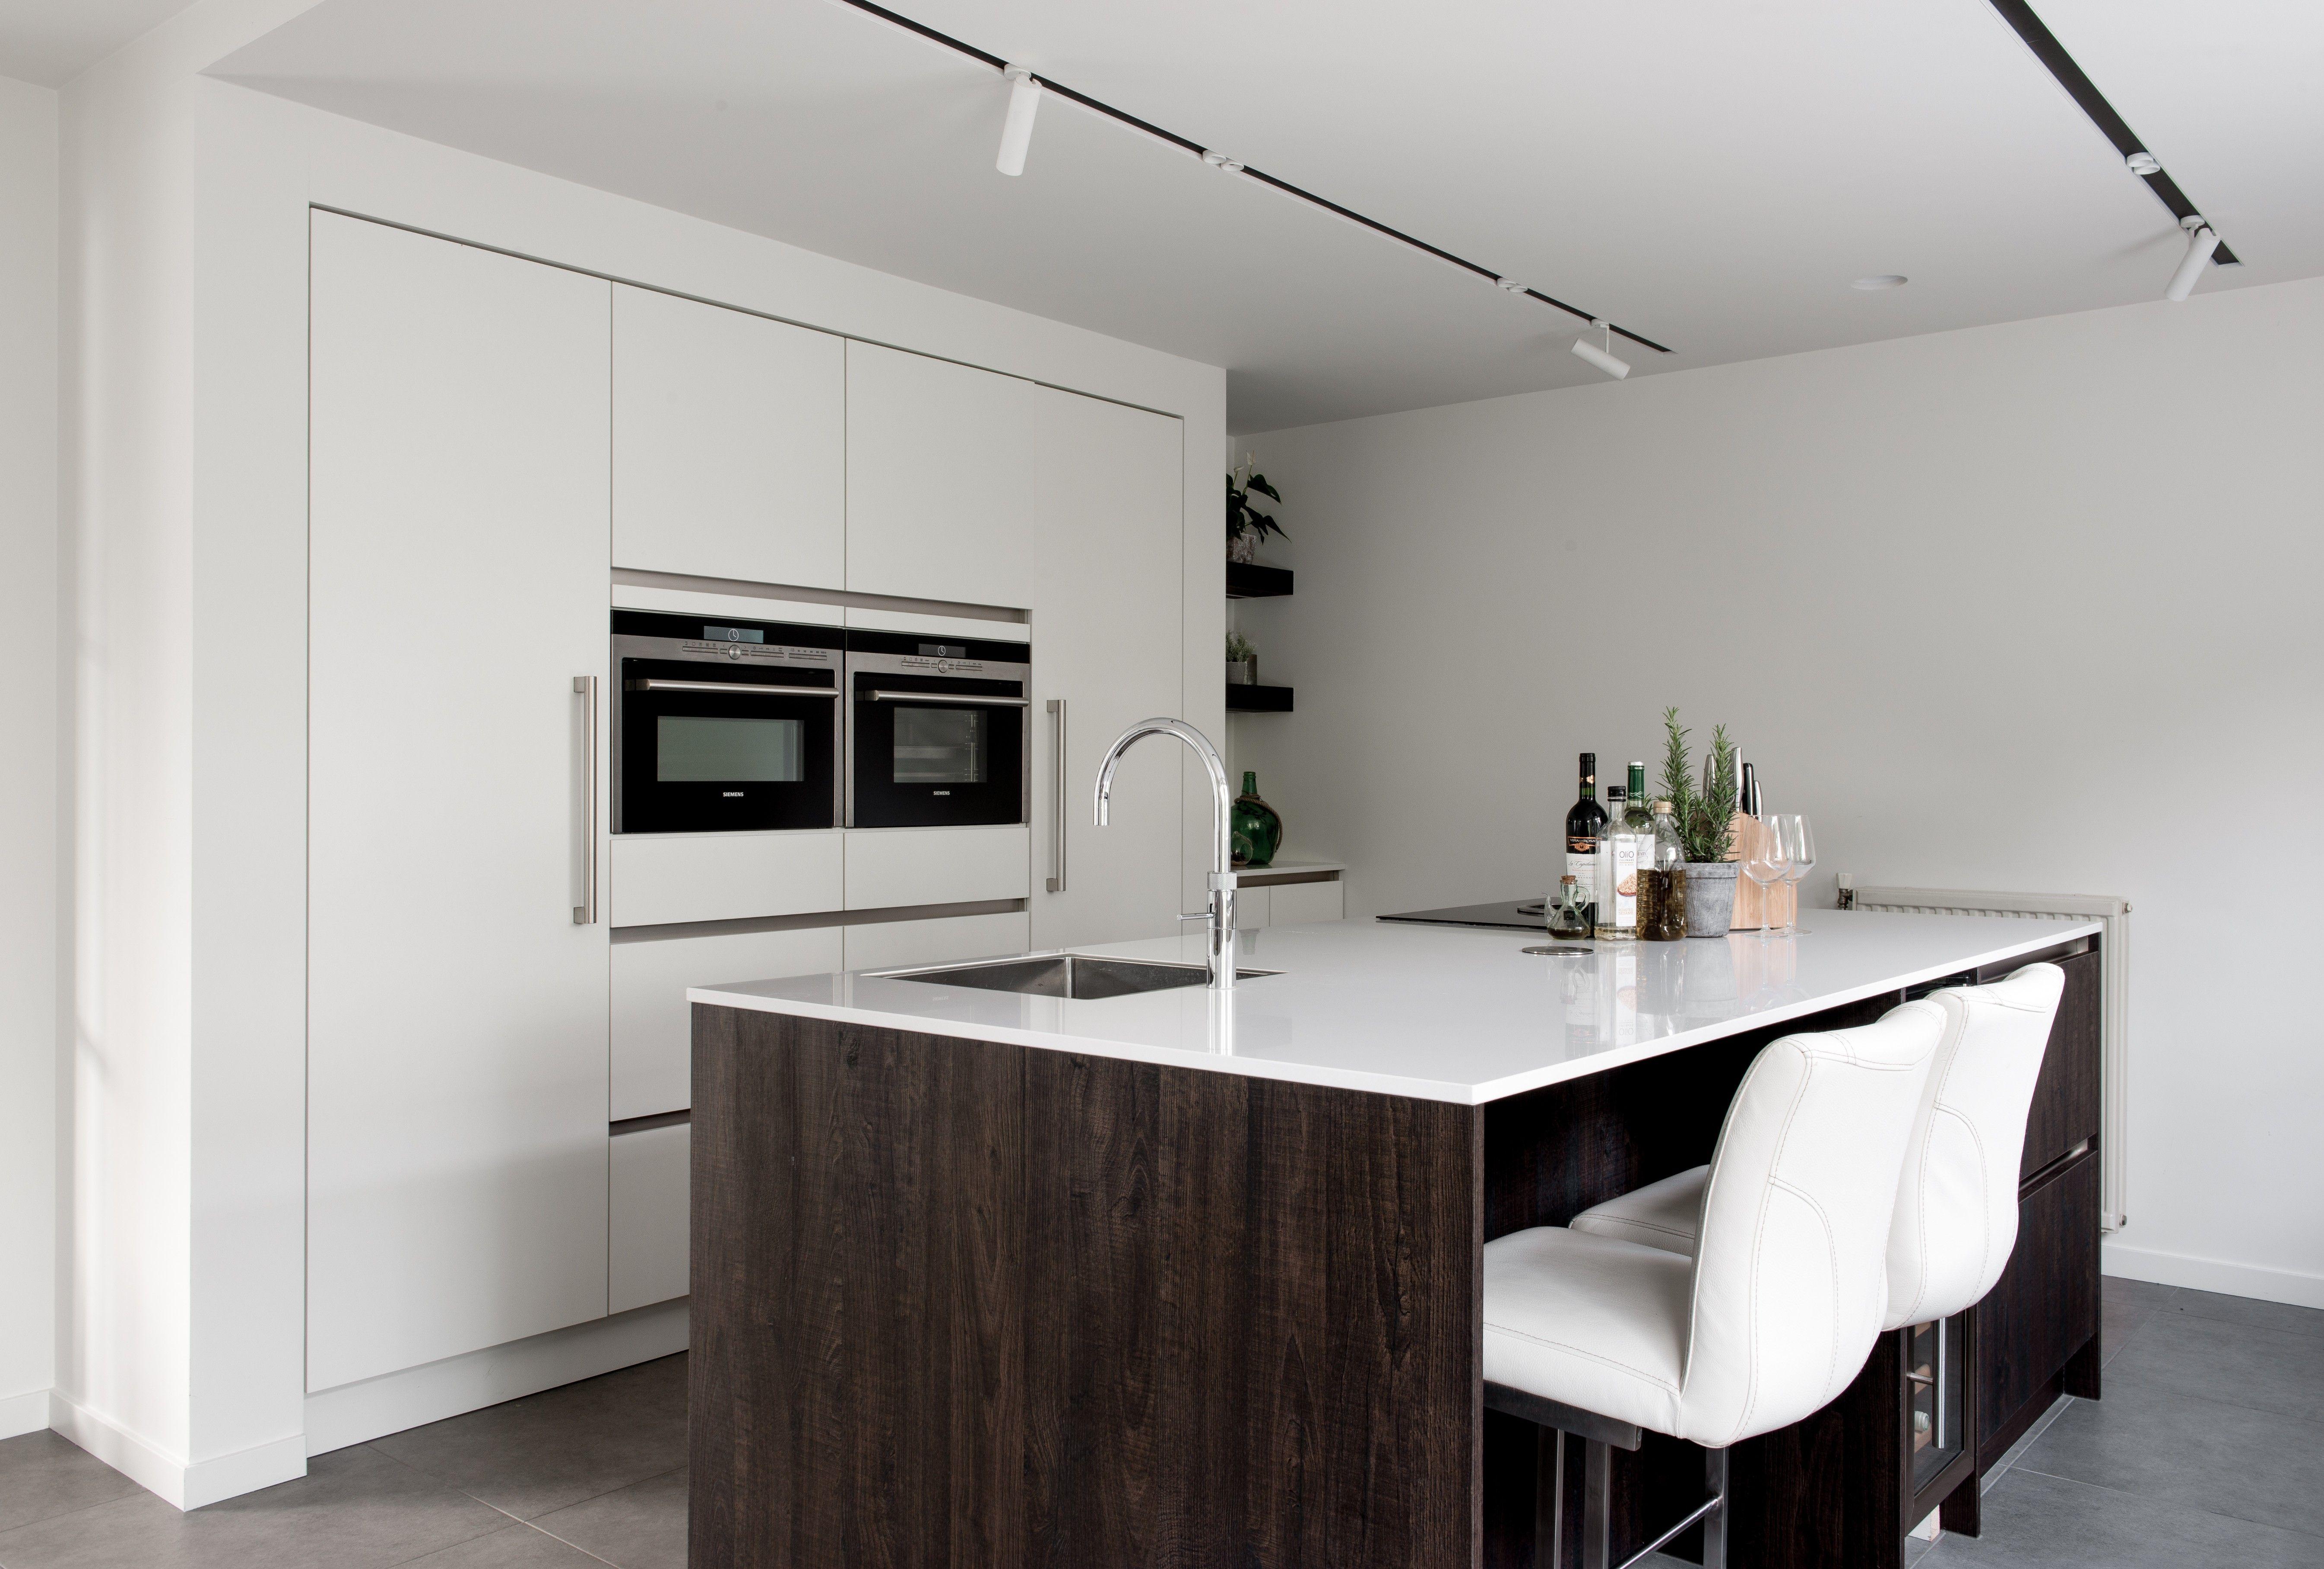 Moderne Nederlandse Keuken : Moderne wit houten eilandkeuken quooker bora siemens